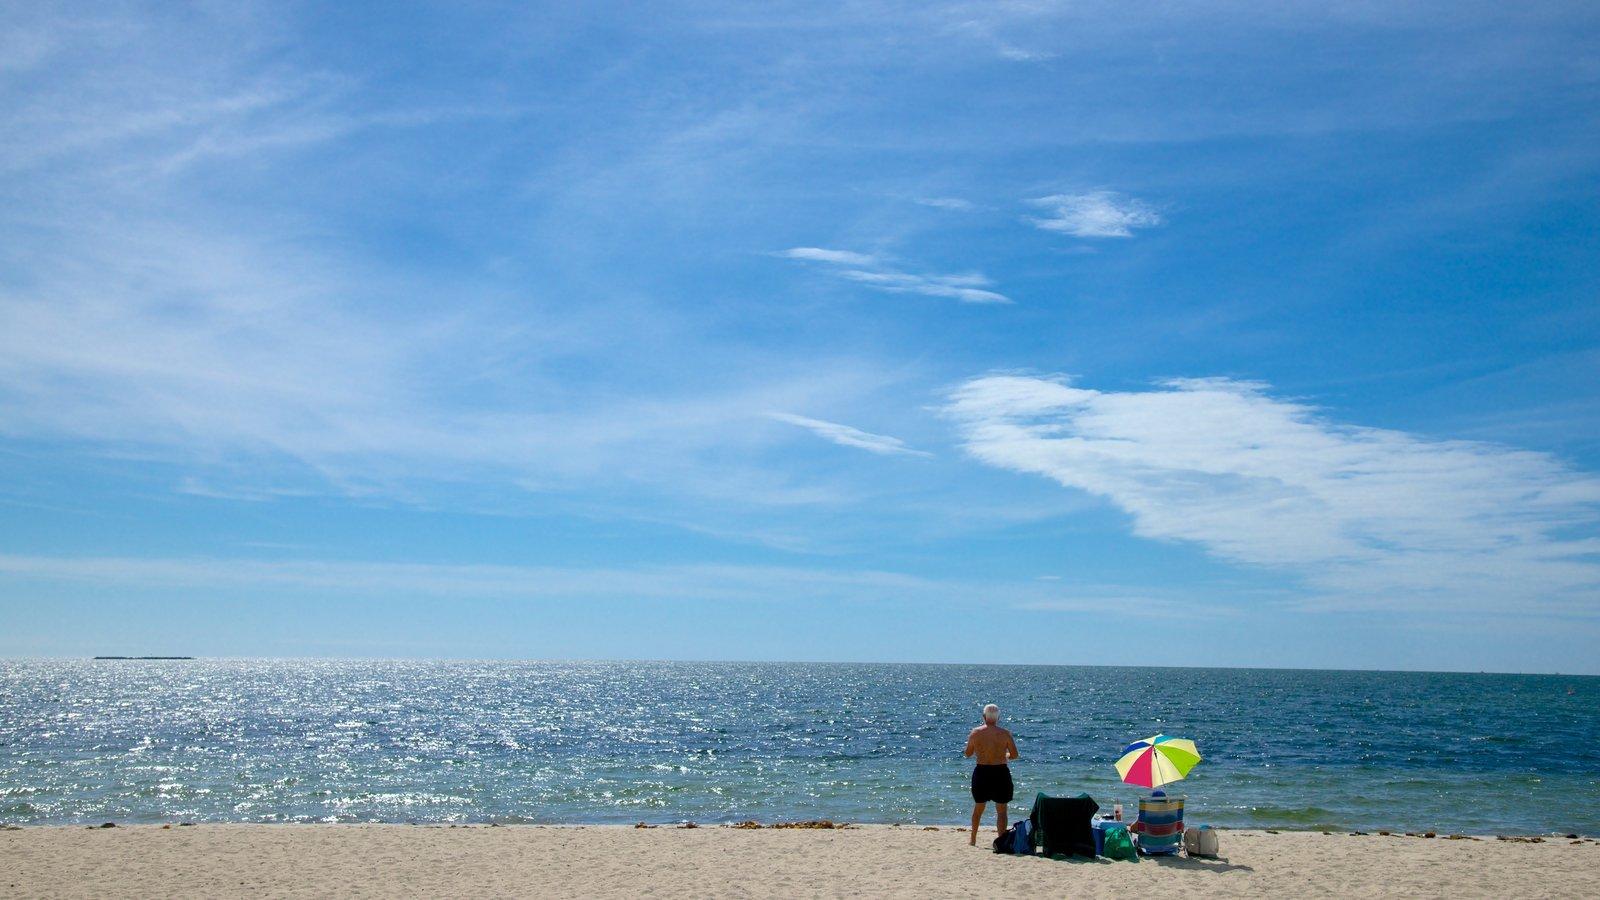 West Dennis Beach featuring a beach as well as an individual male